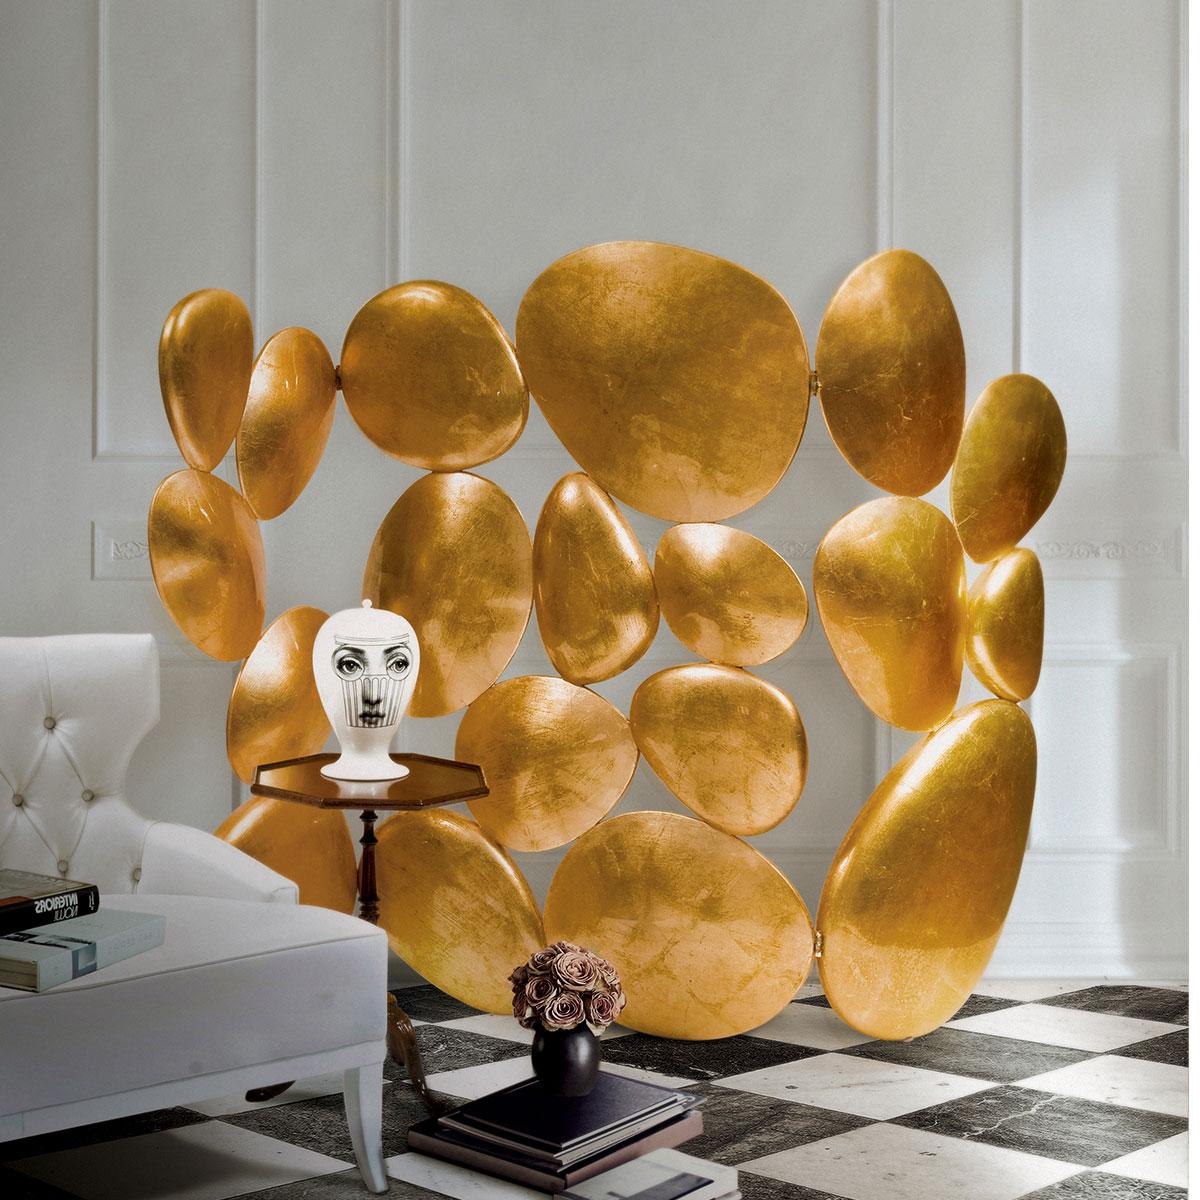 Pantallas Lujuosas: Ideas exclusivas para un proyecto moderno pantallas lujuosas Pantallas Lujuosas: Ideas exclusivas para un proyecto moderno gold folding screen boca do lobo 04